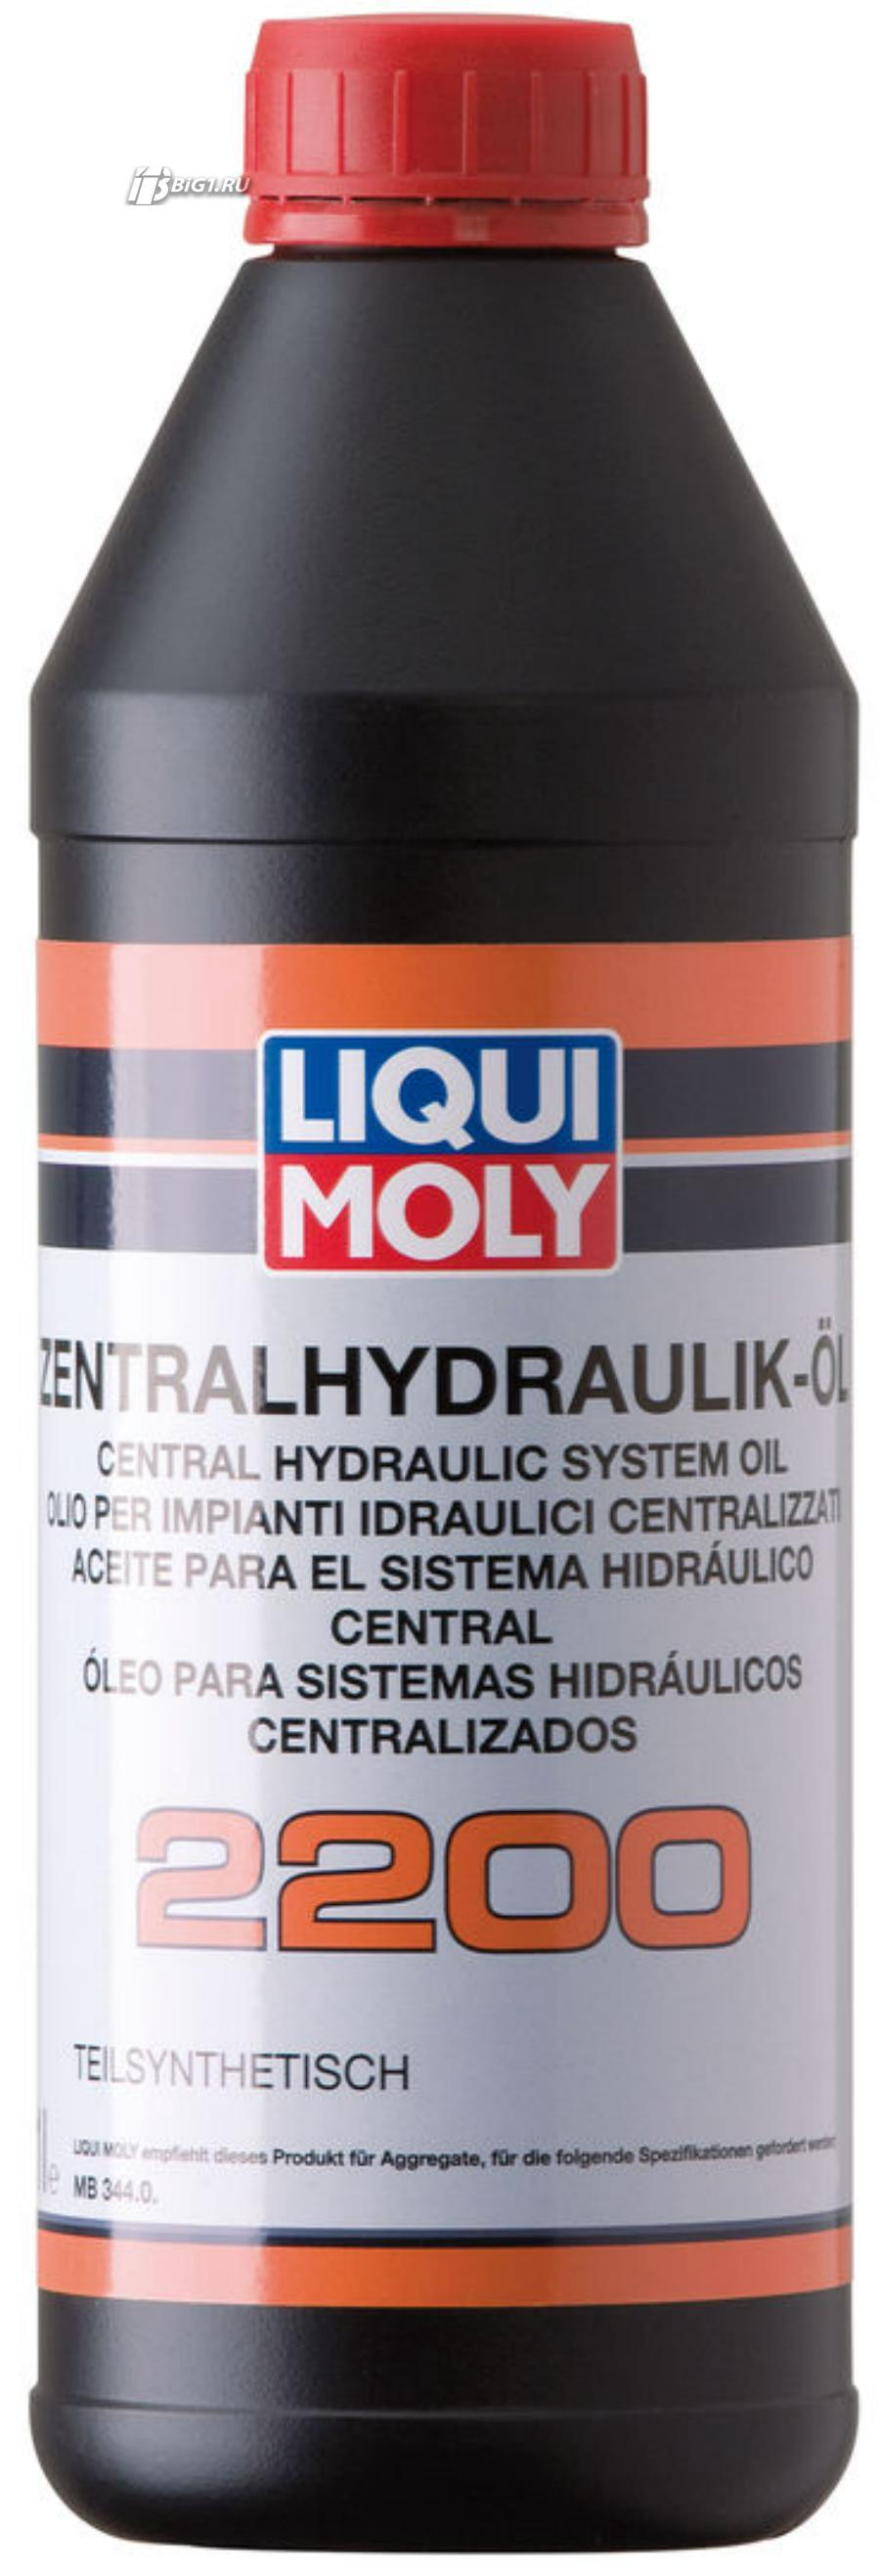 """Жидкость гур полусинтетическое """"Zentralhydraulik-Oil 2200"""", 1л"""